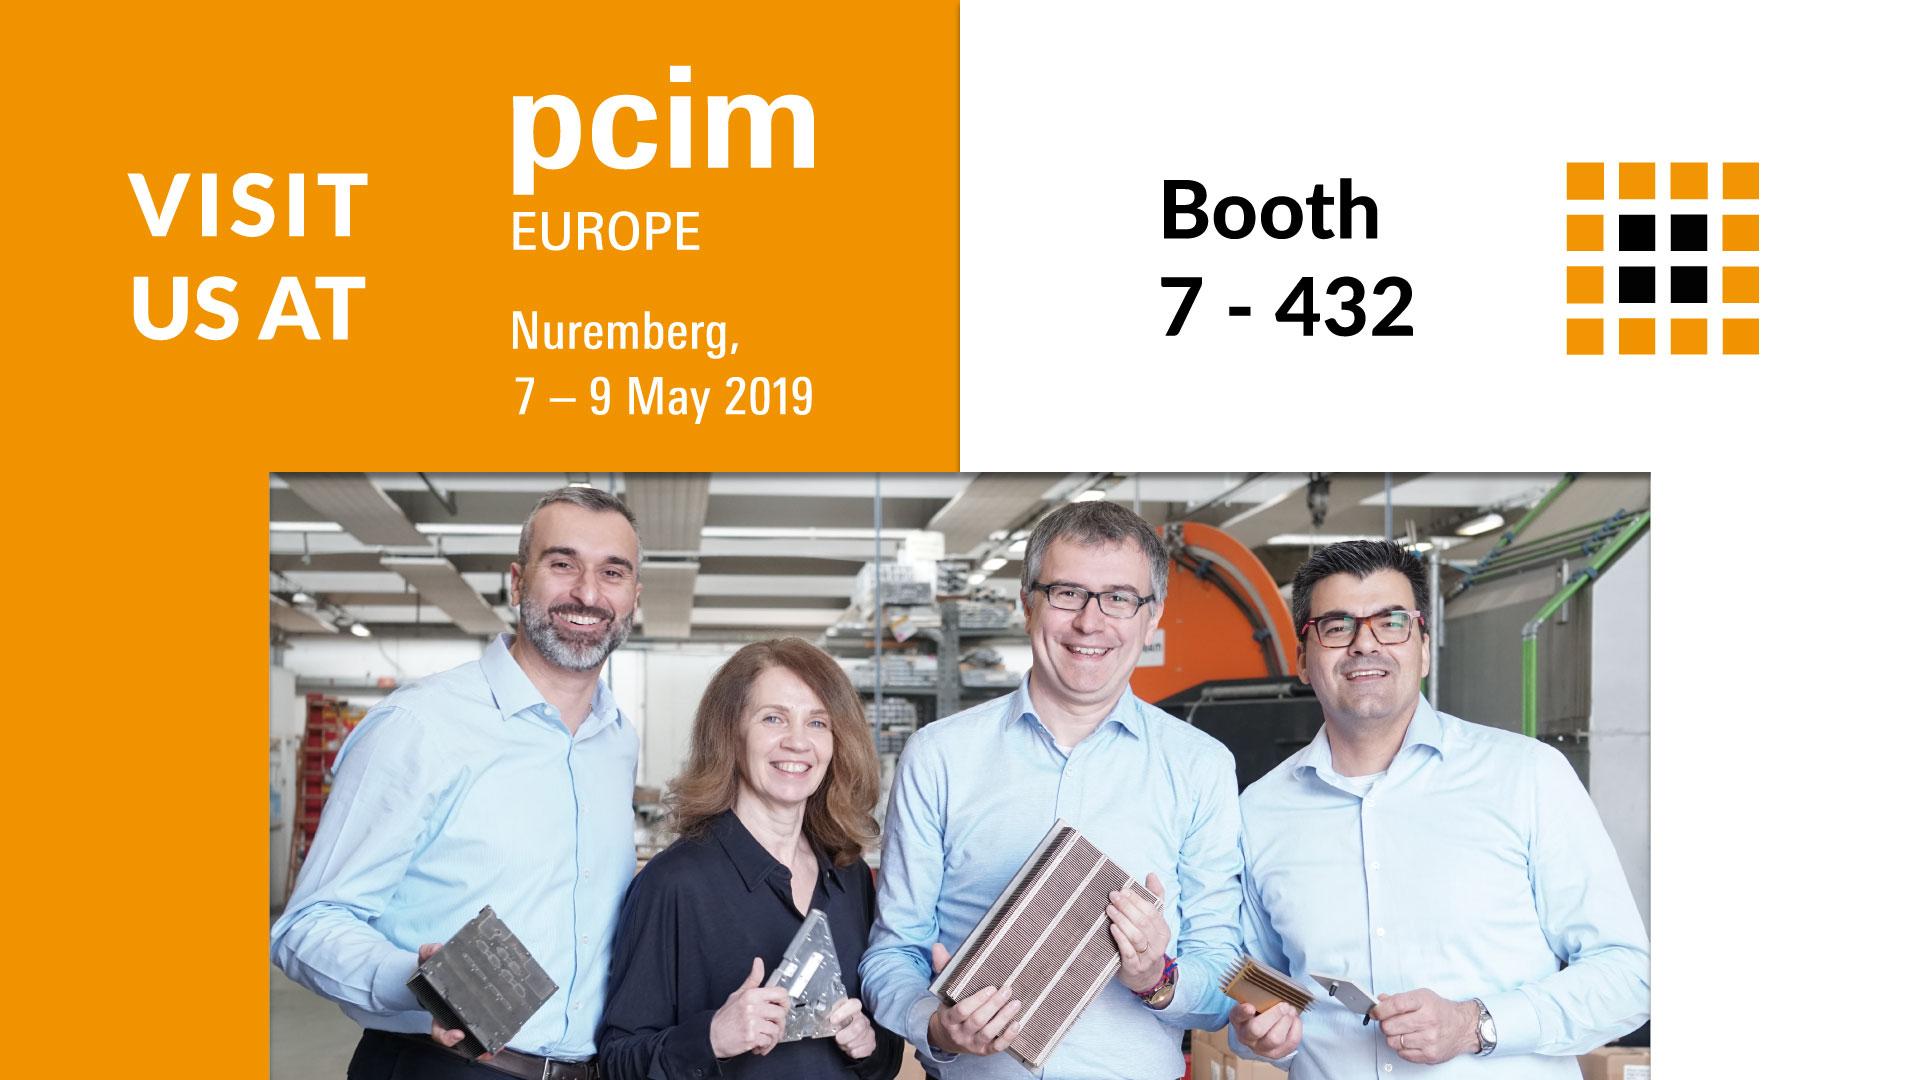 Visit us at PCIM Europe!